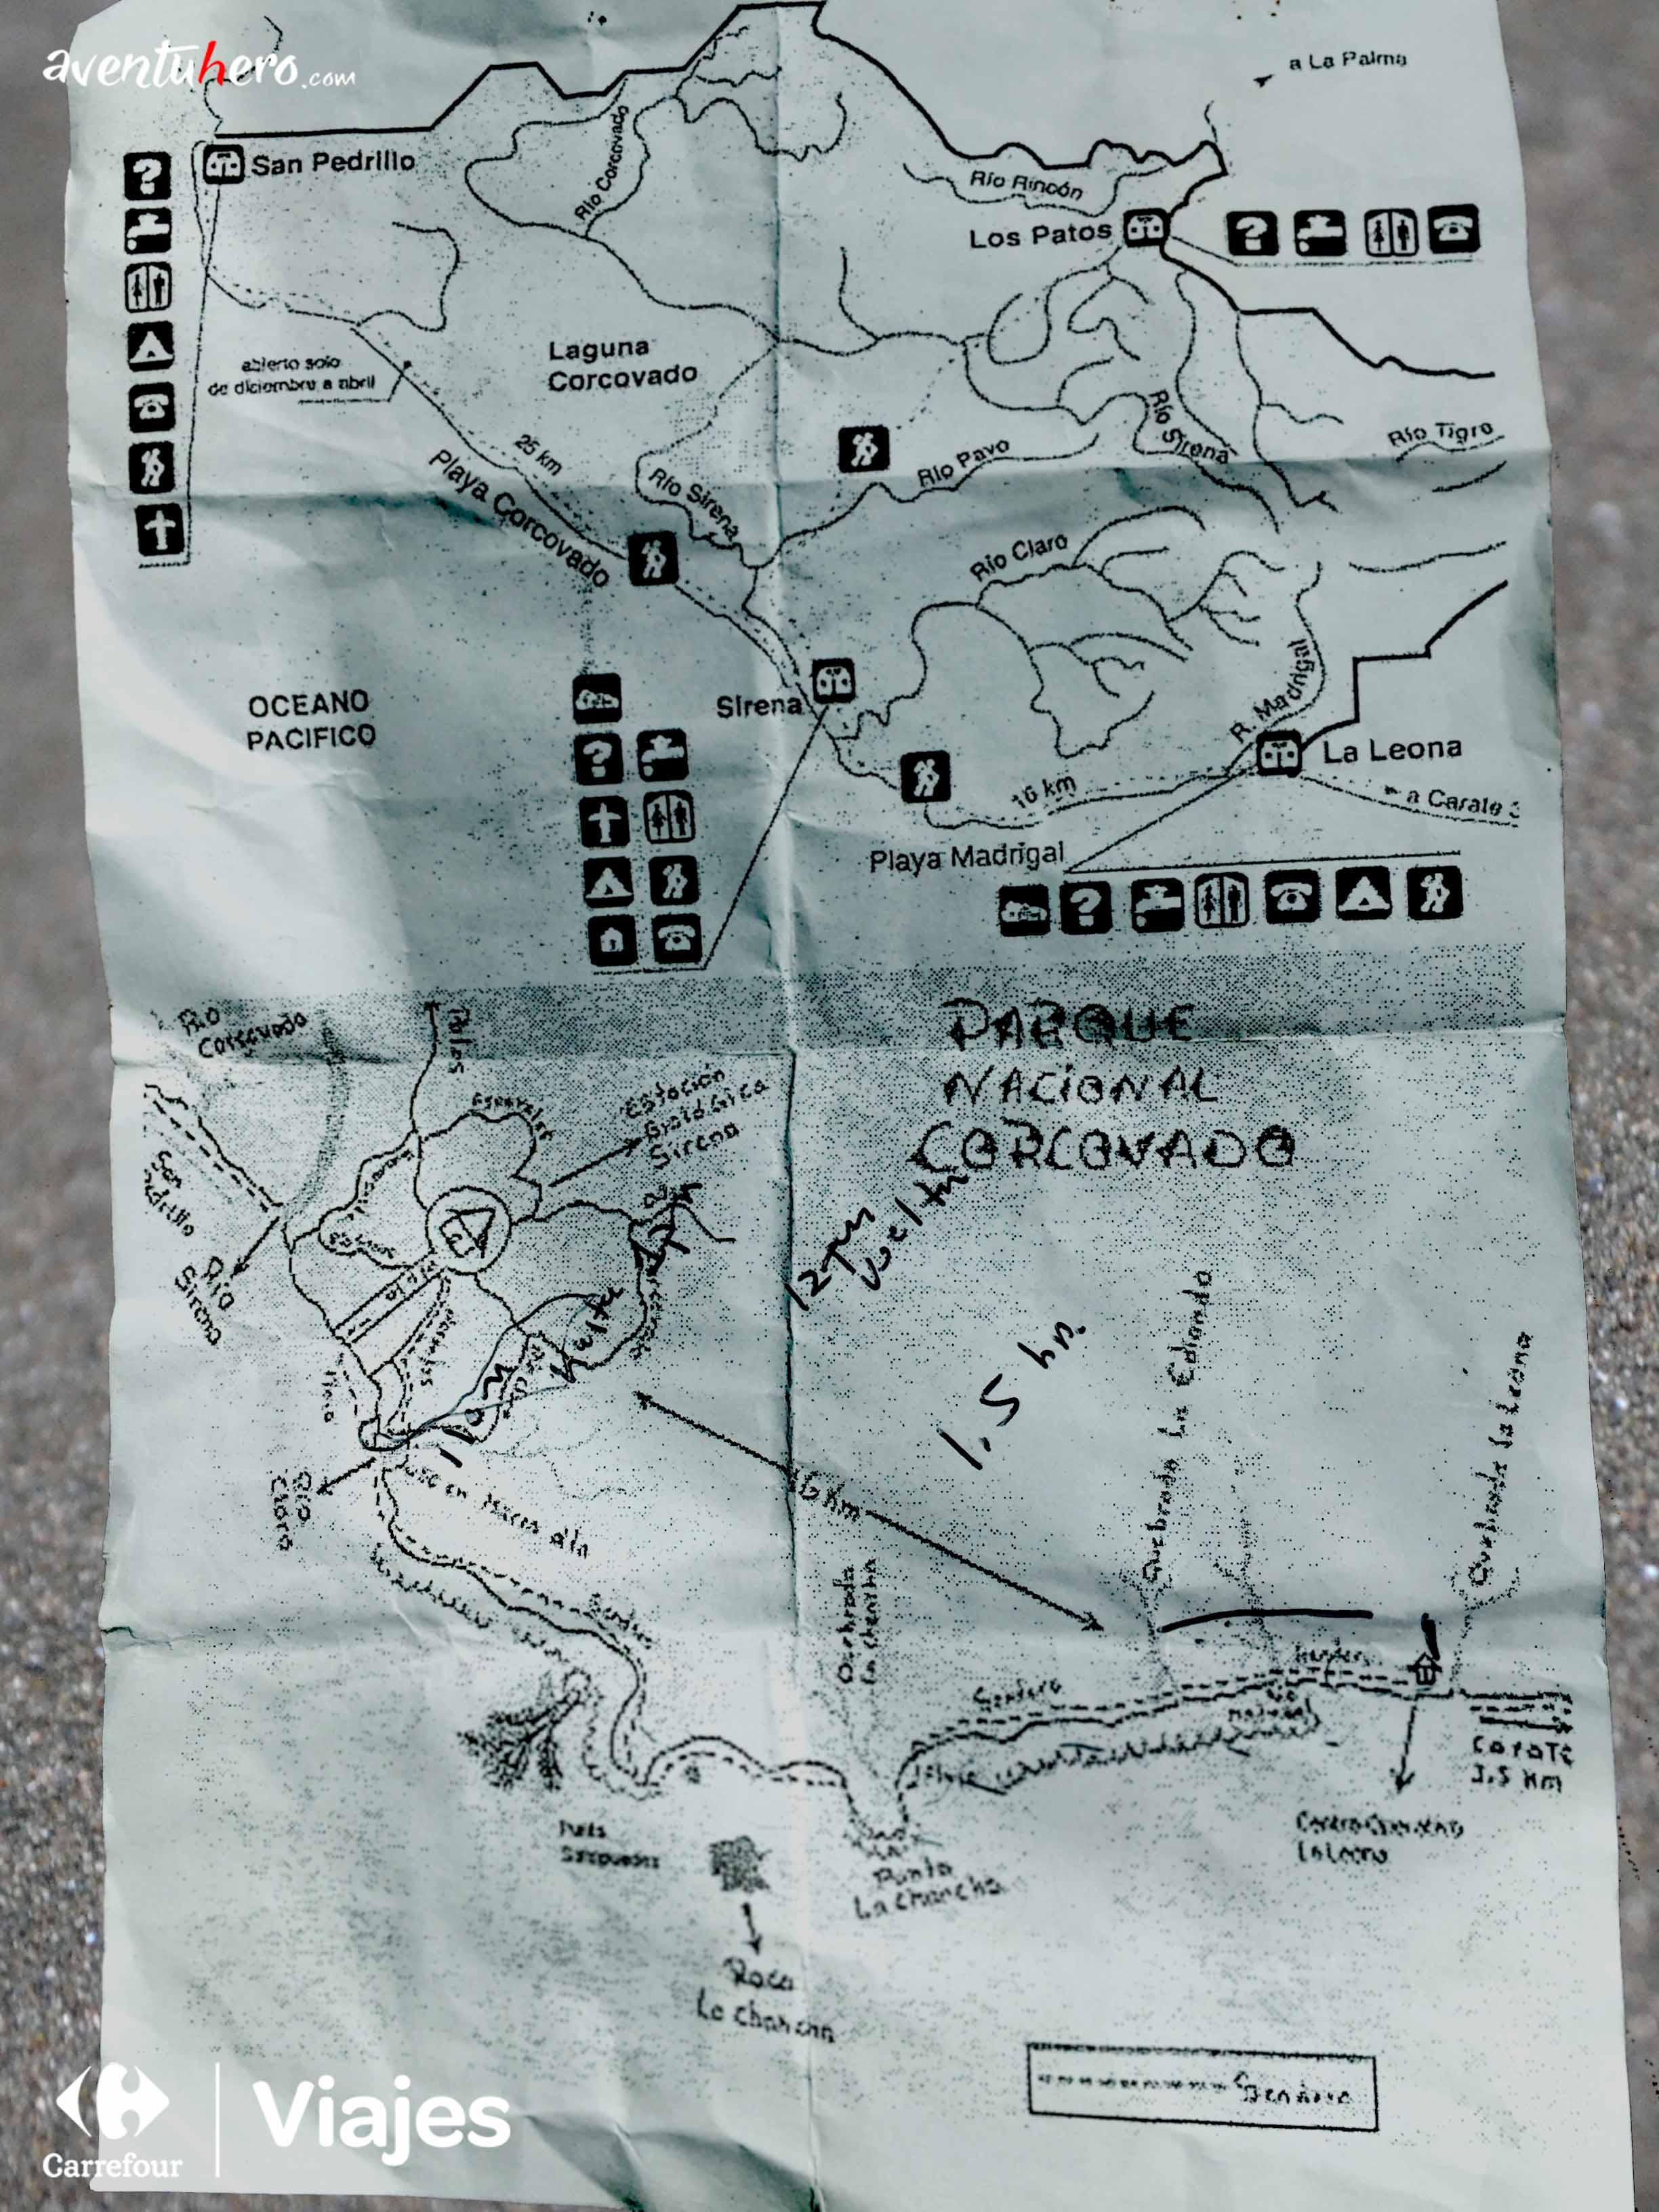 Mapa para Corcovado